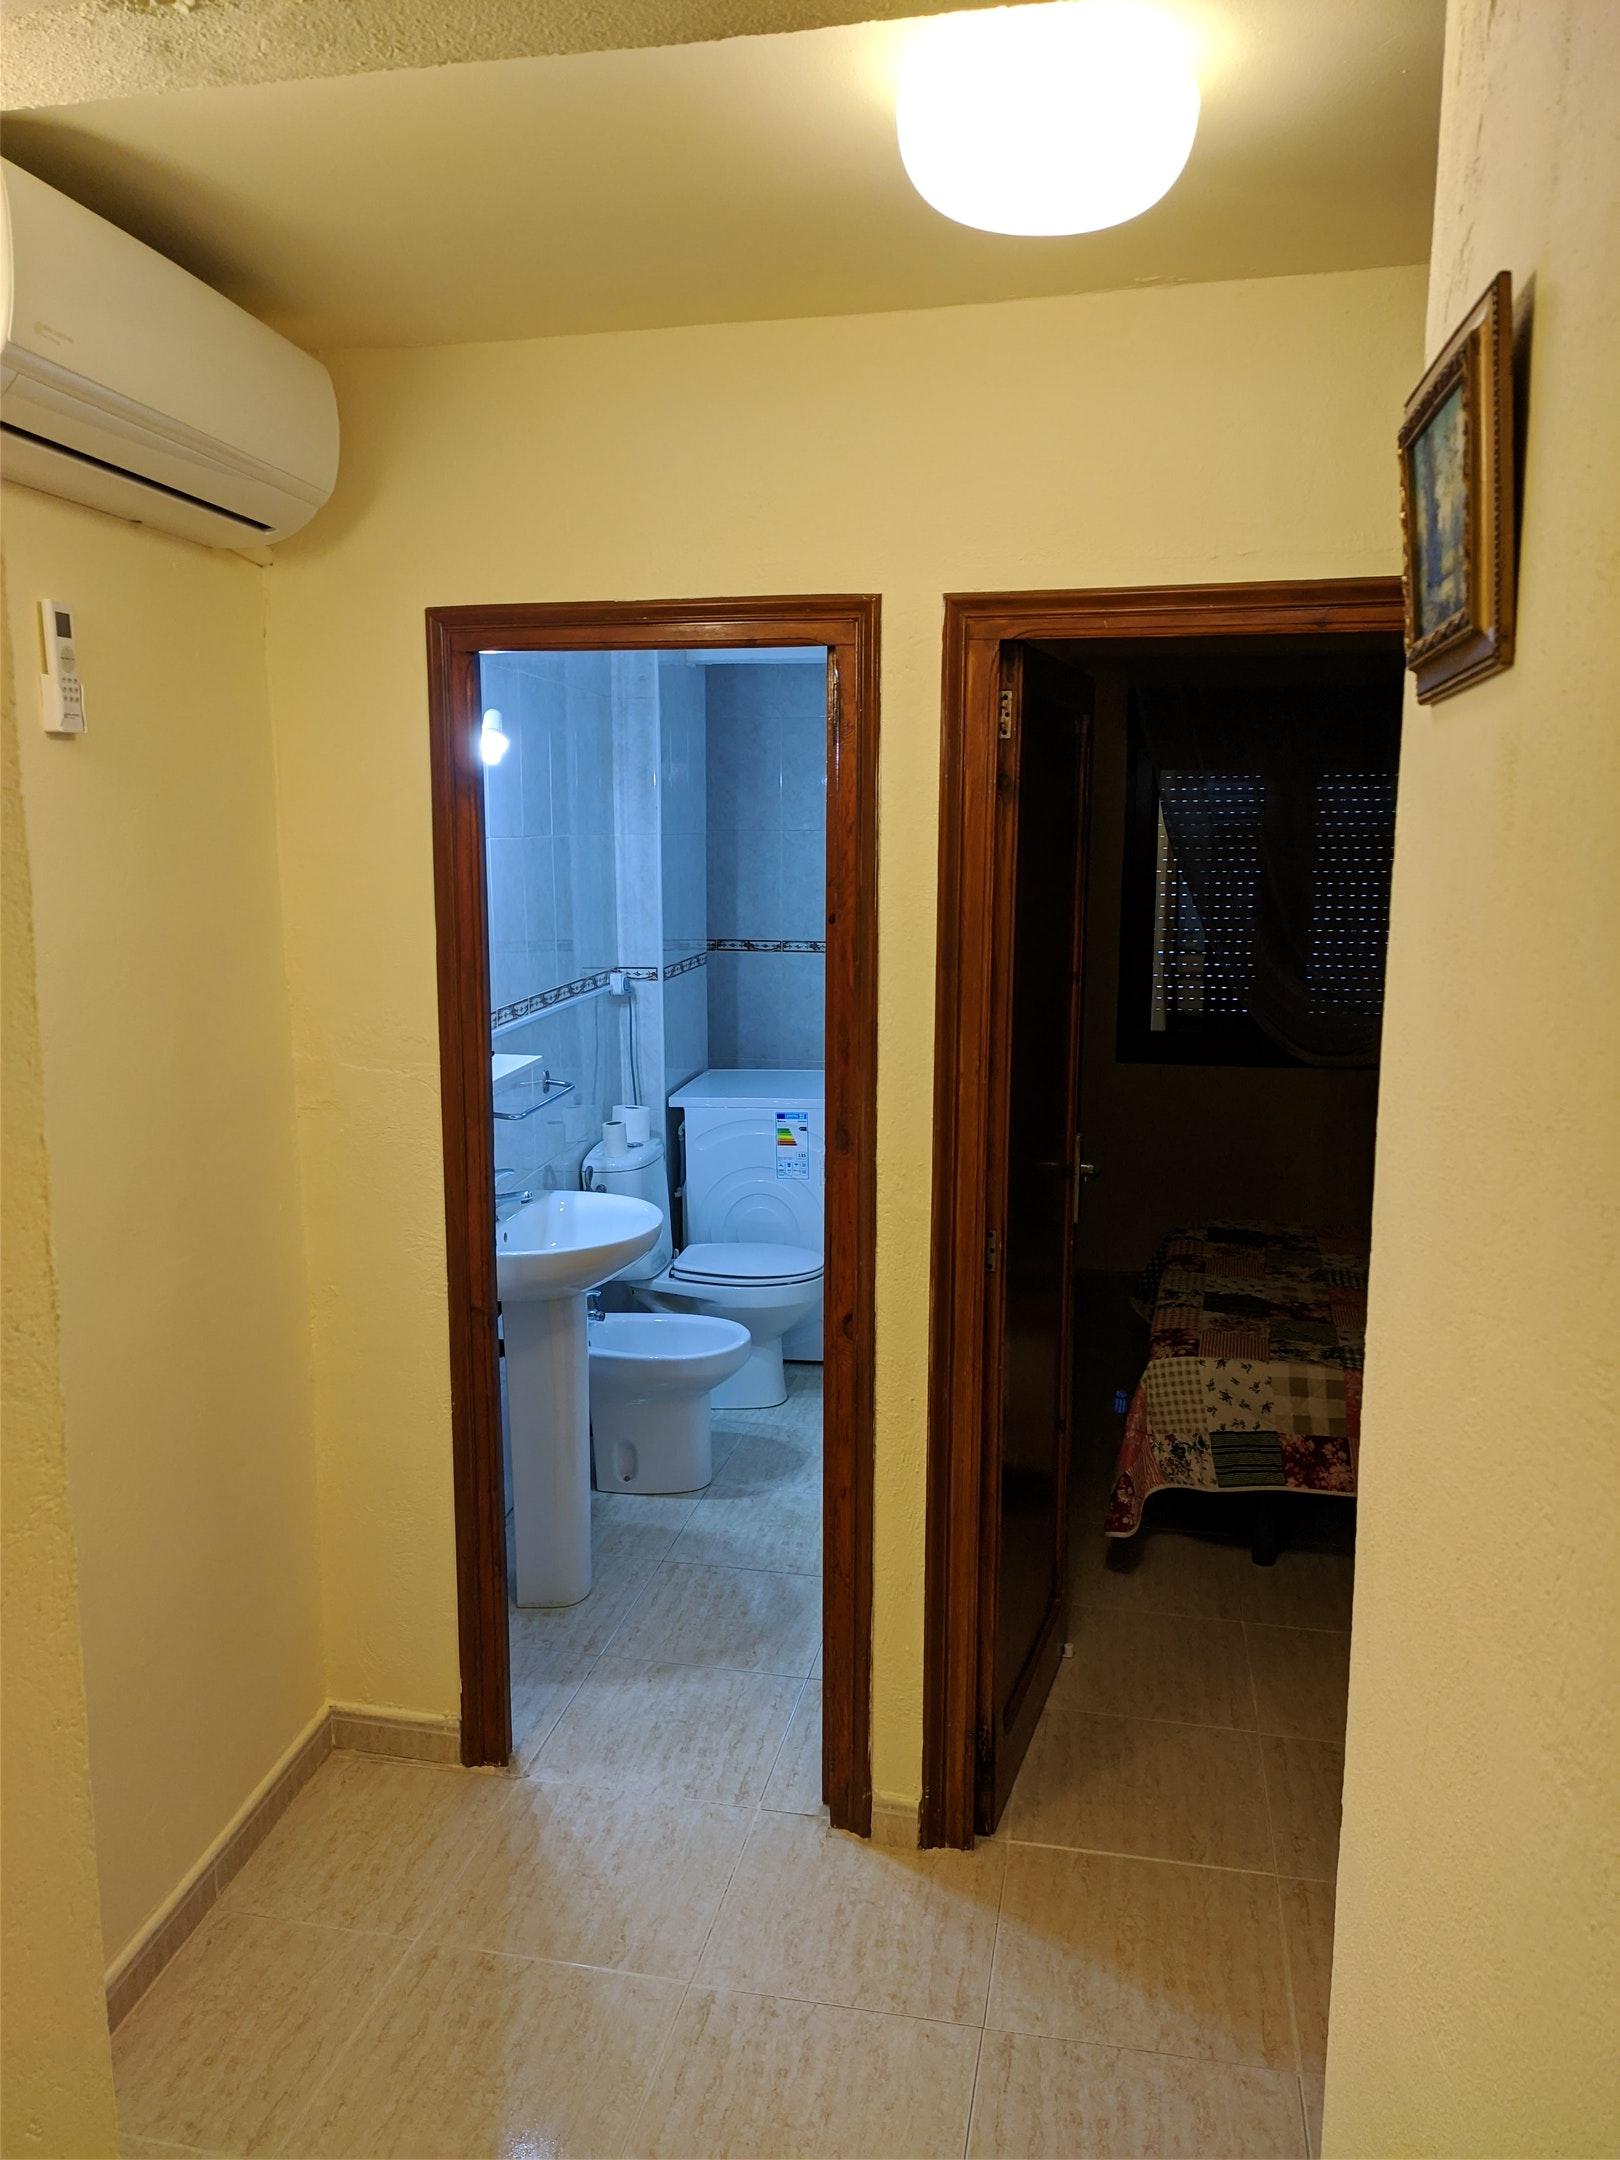 Ferienhaus Haus mit 3 Schlafzimmern in Montanejos mit toller Aussicht auf die Berge, Terrasse und W-L (2751376), Montanejos, Provinz Castellón, Valencia, Spanien, Bild 19